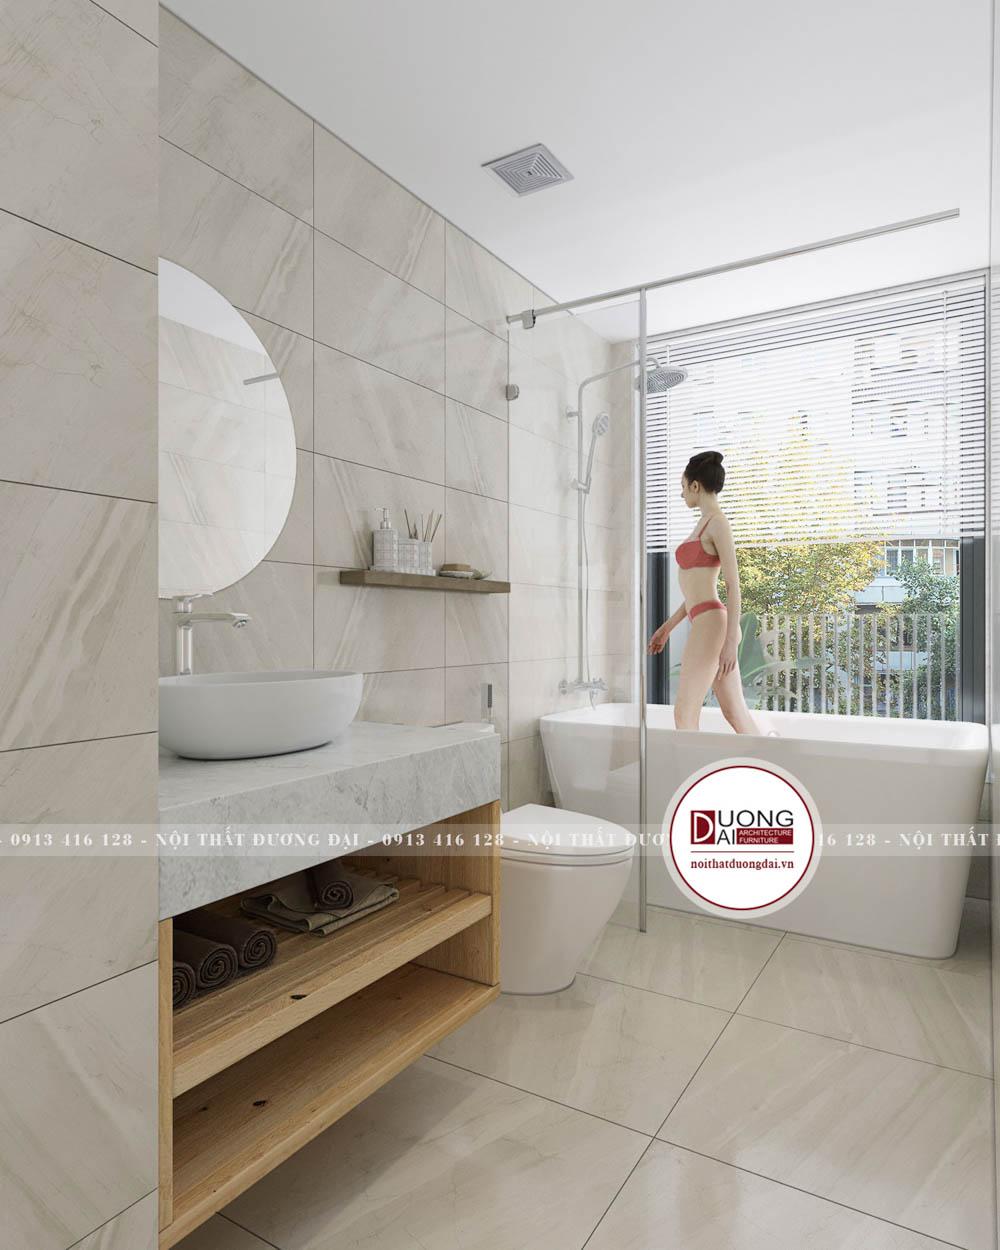 Nhà tắm siêu hiện đại với gạch lát vân mây màu sáng trang nhã